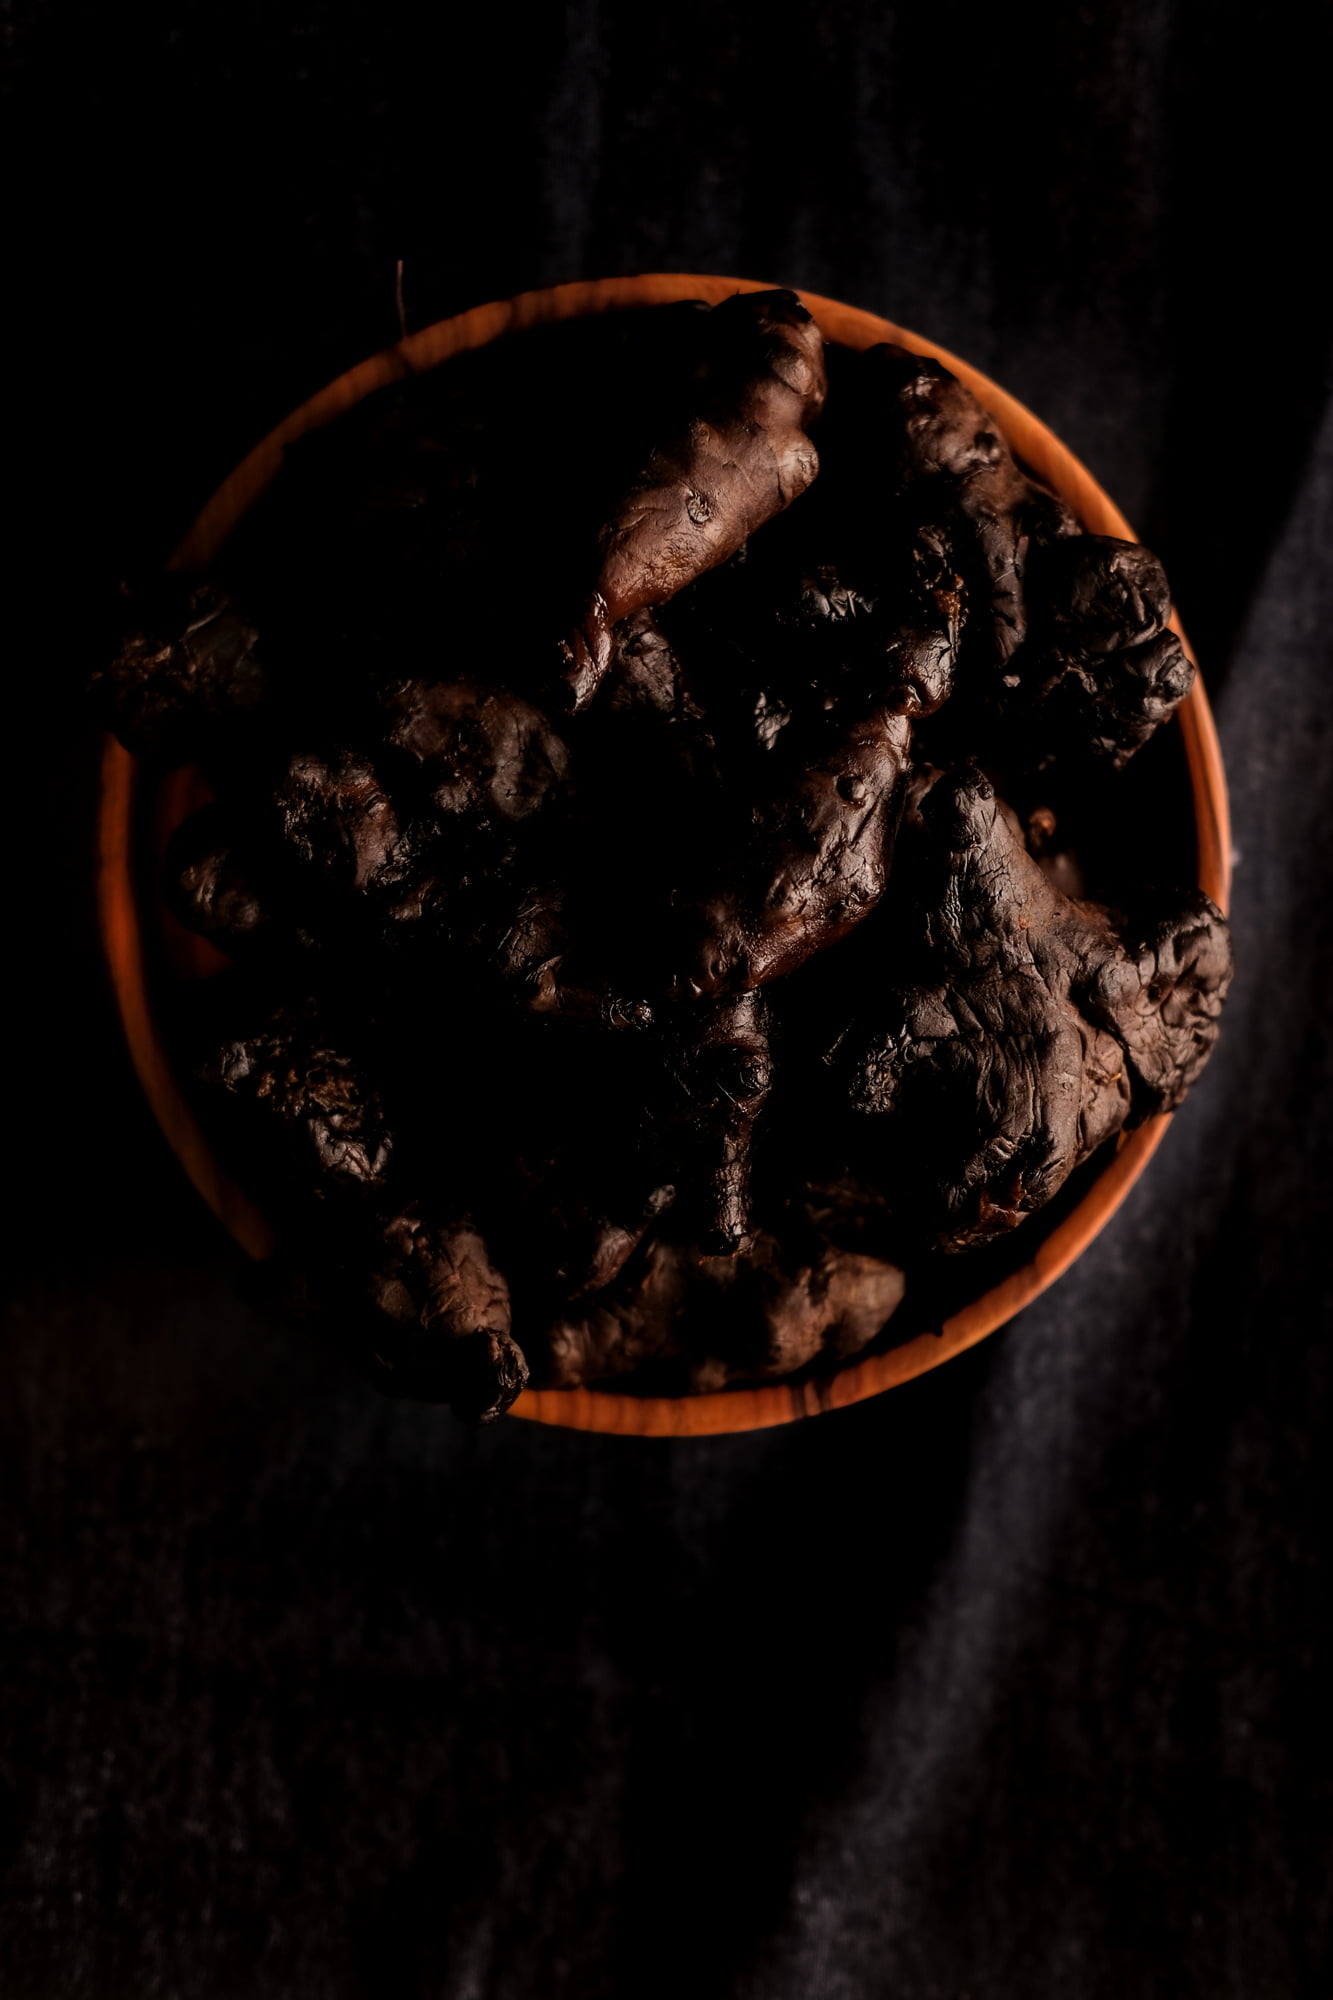 https://www.chilarestaurant.com/vegetales-negros/07_07_chila-7769/